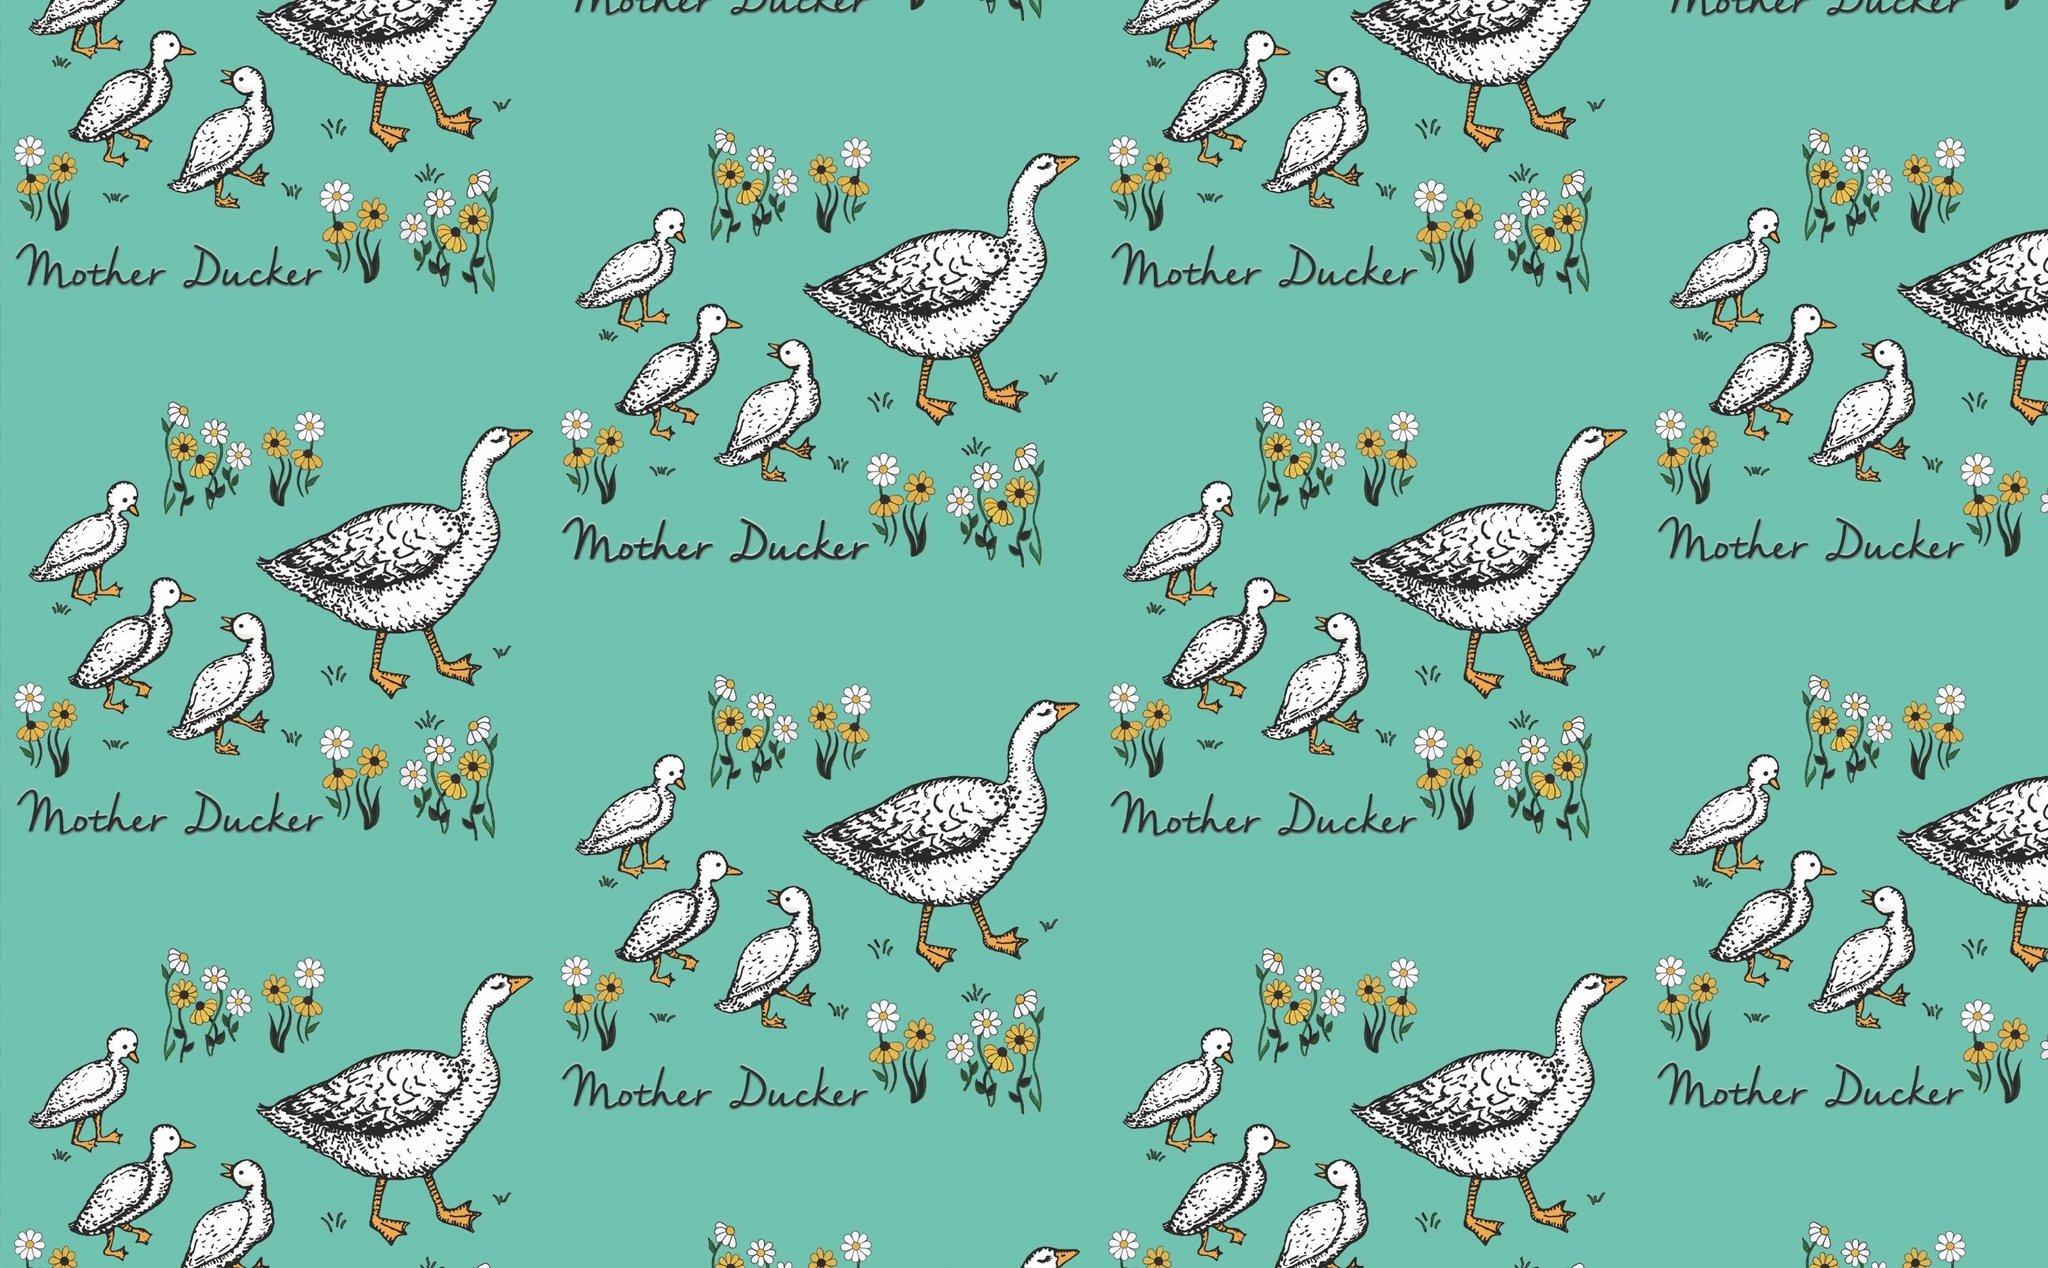 Mother Ducker